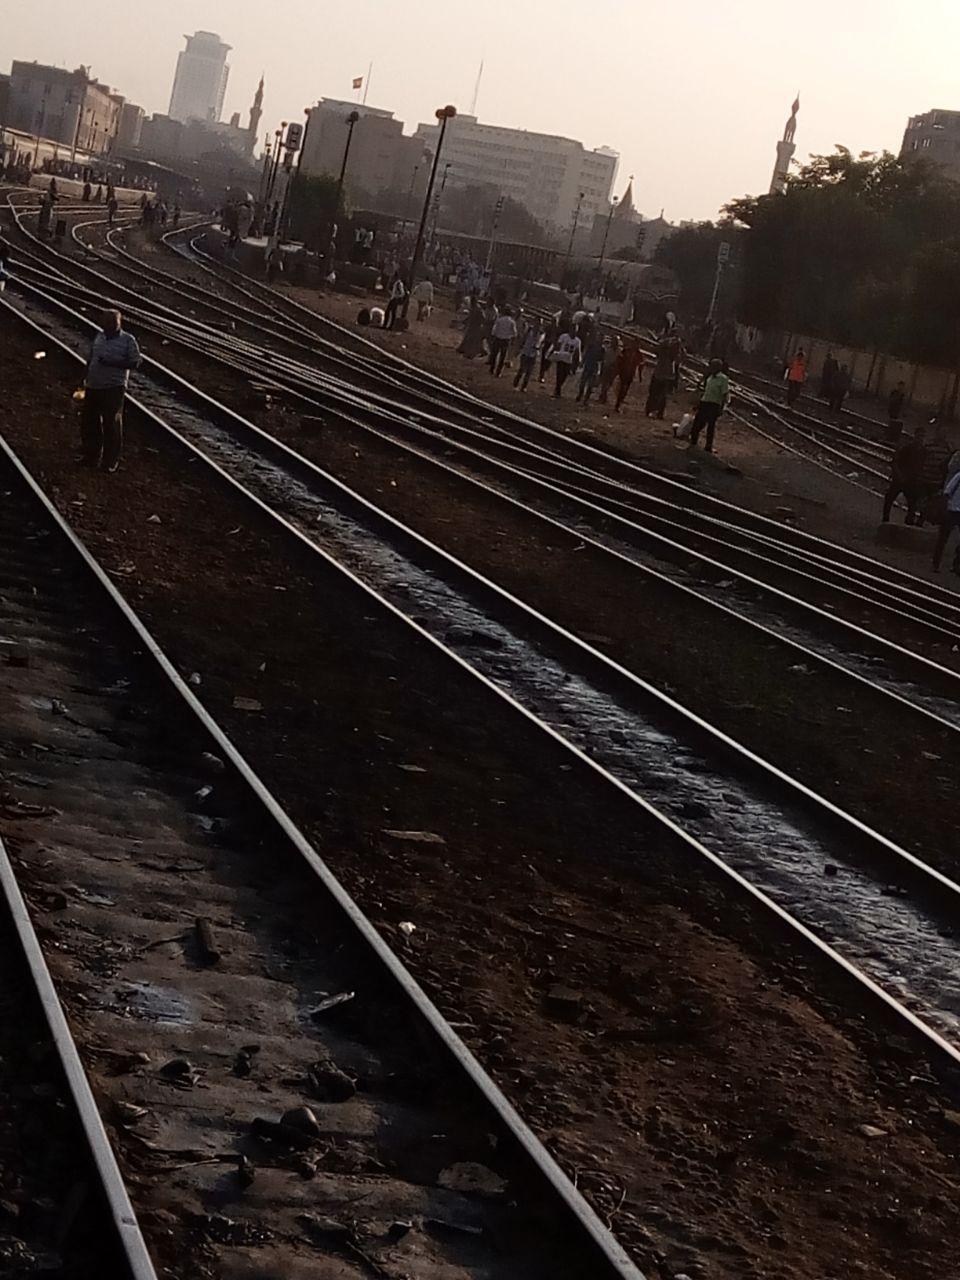 غضب على القضبان.. قرار «النقل» بخفض سرعة القطارات يثير استياء الركاب